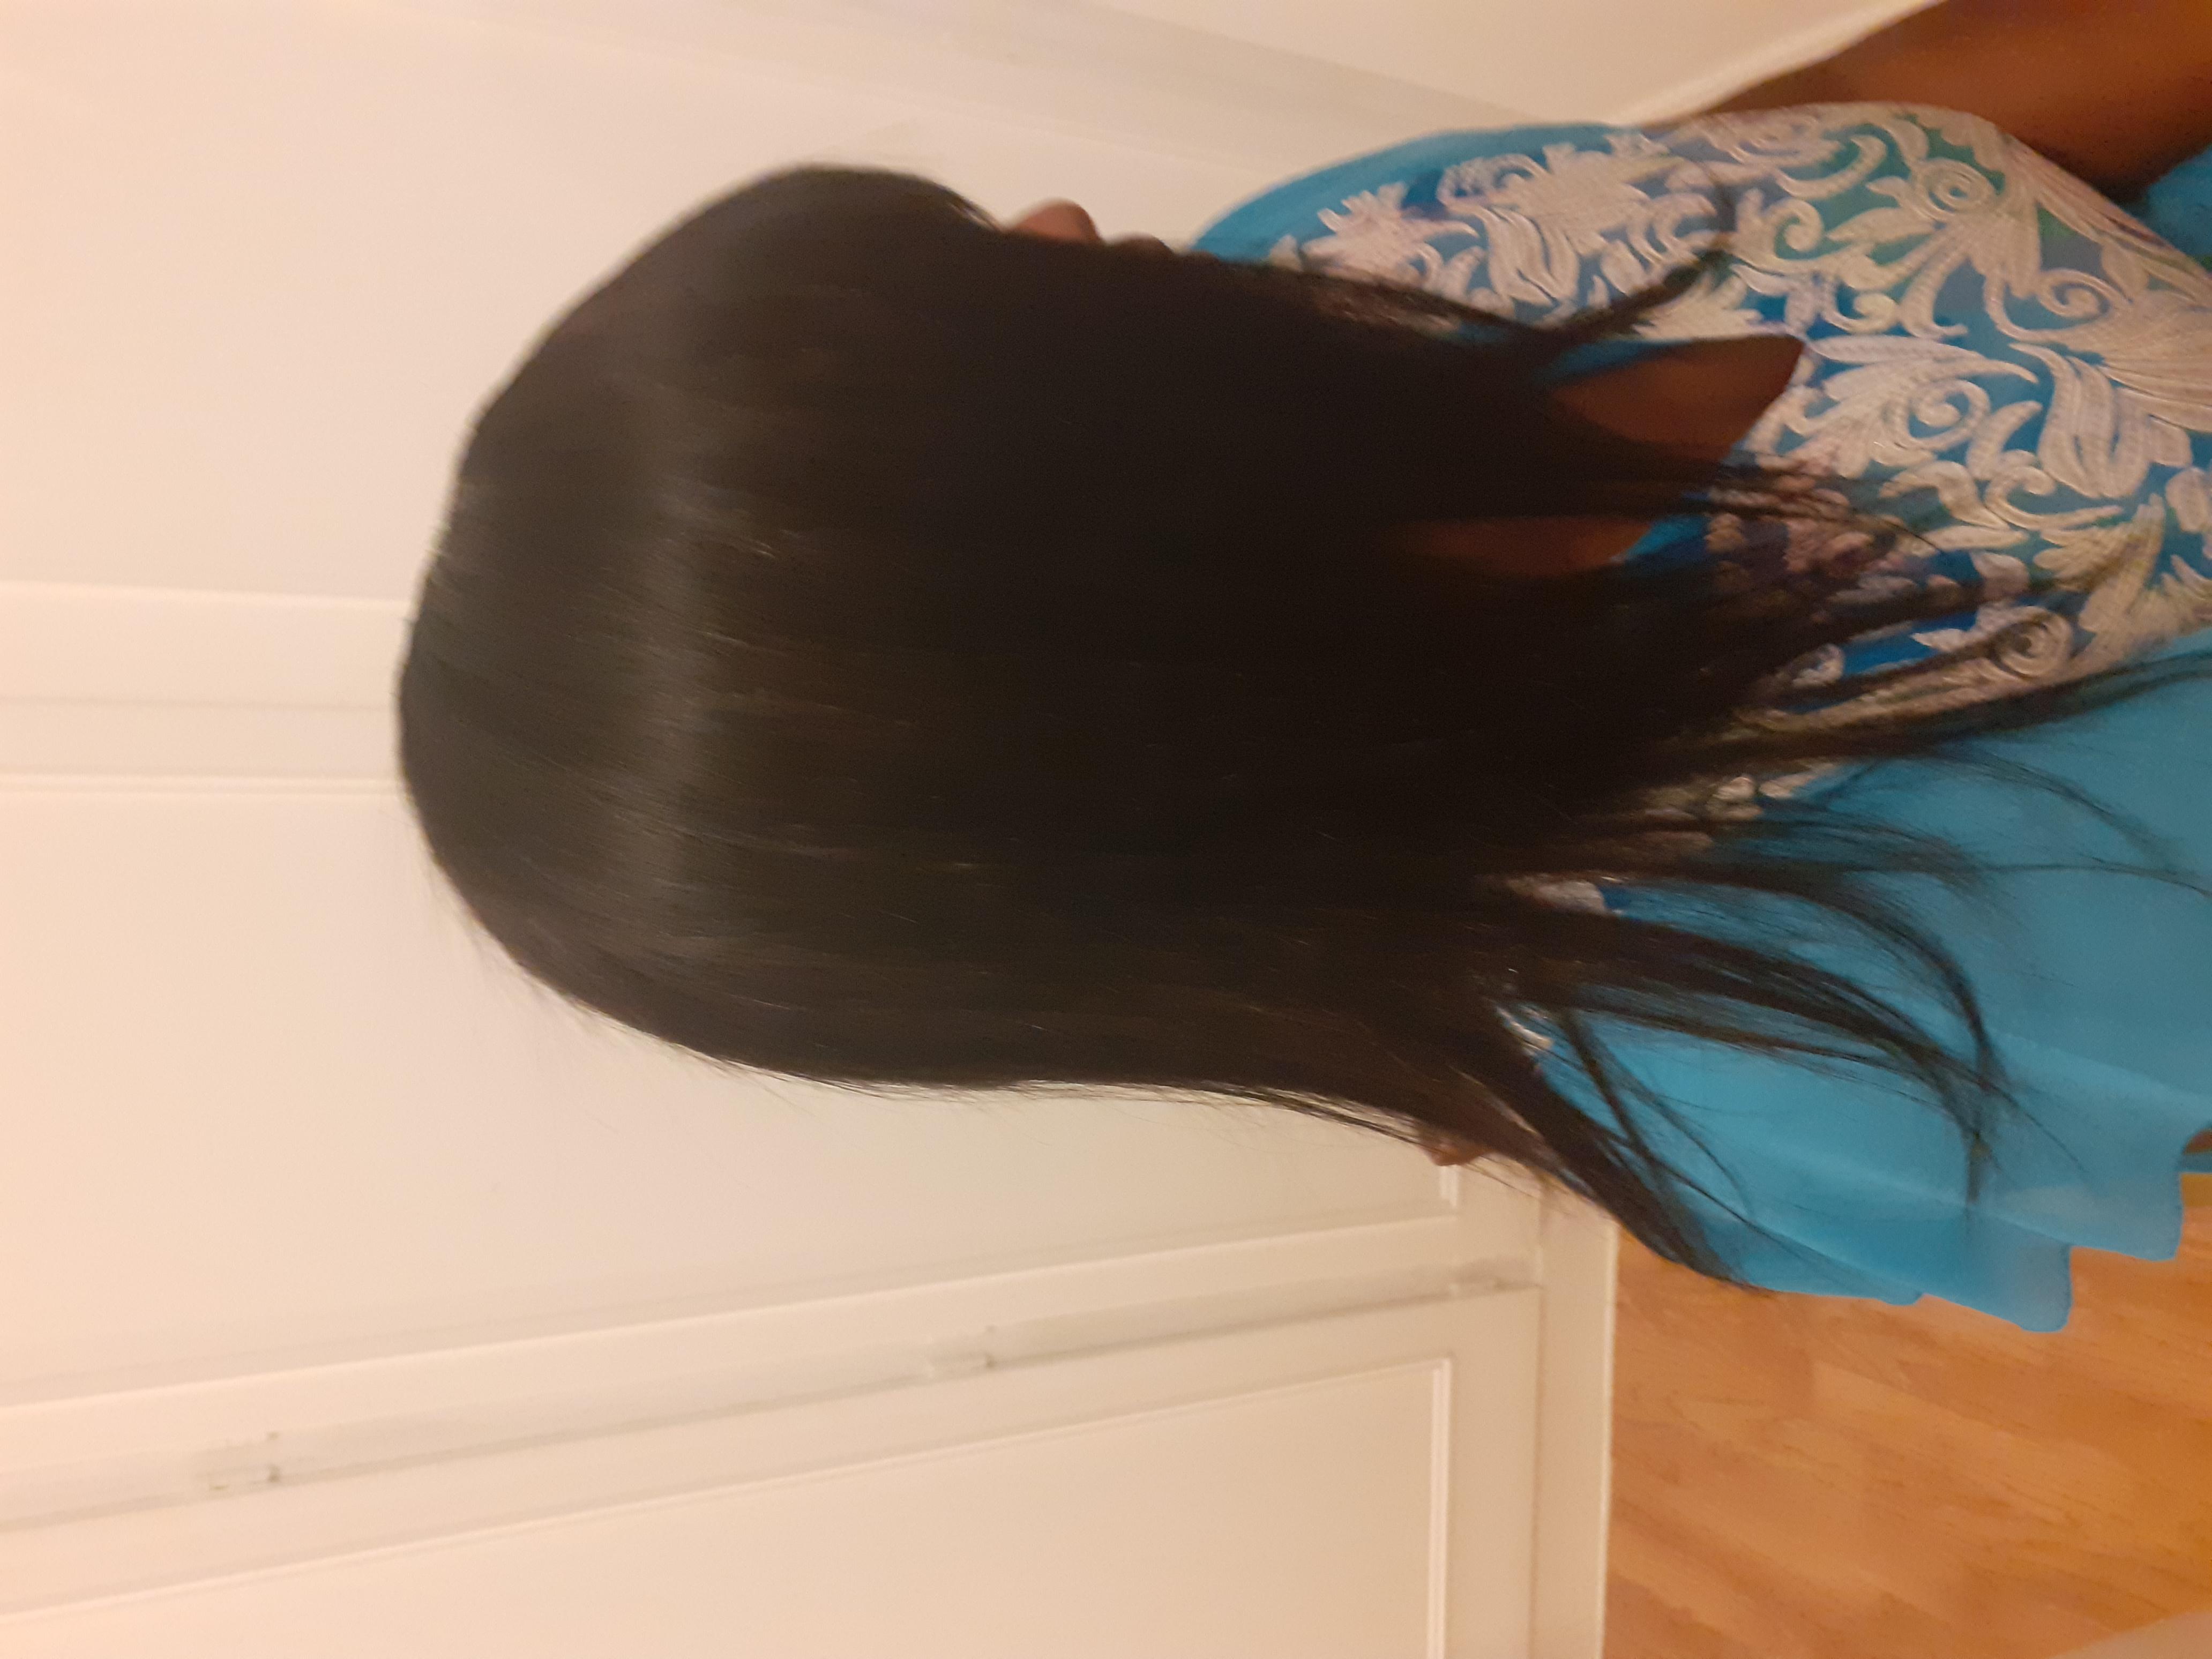 salon de coiffure afro tresse tresses box braids crochet braids vanilles tissages paris 75 77 78 91 92 93 94 95 XFTUQCNU